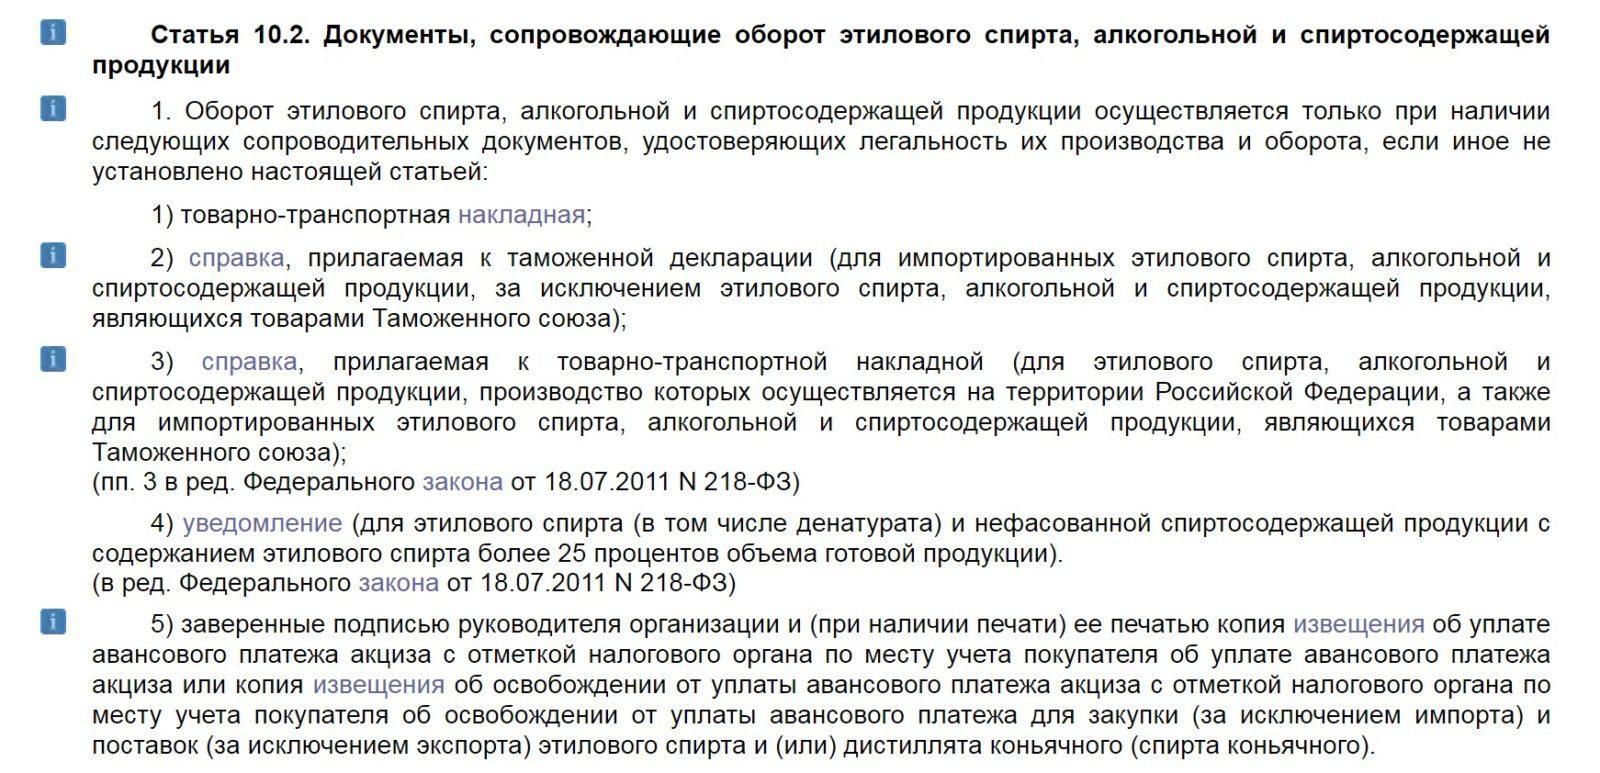 правила продажи спиртных напитков в россии